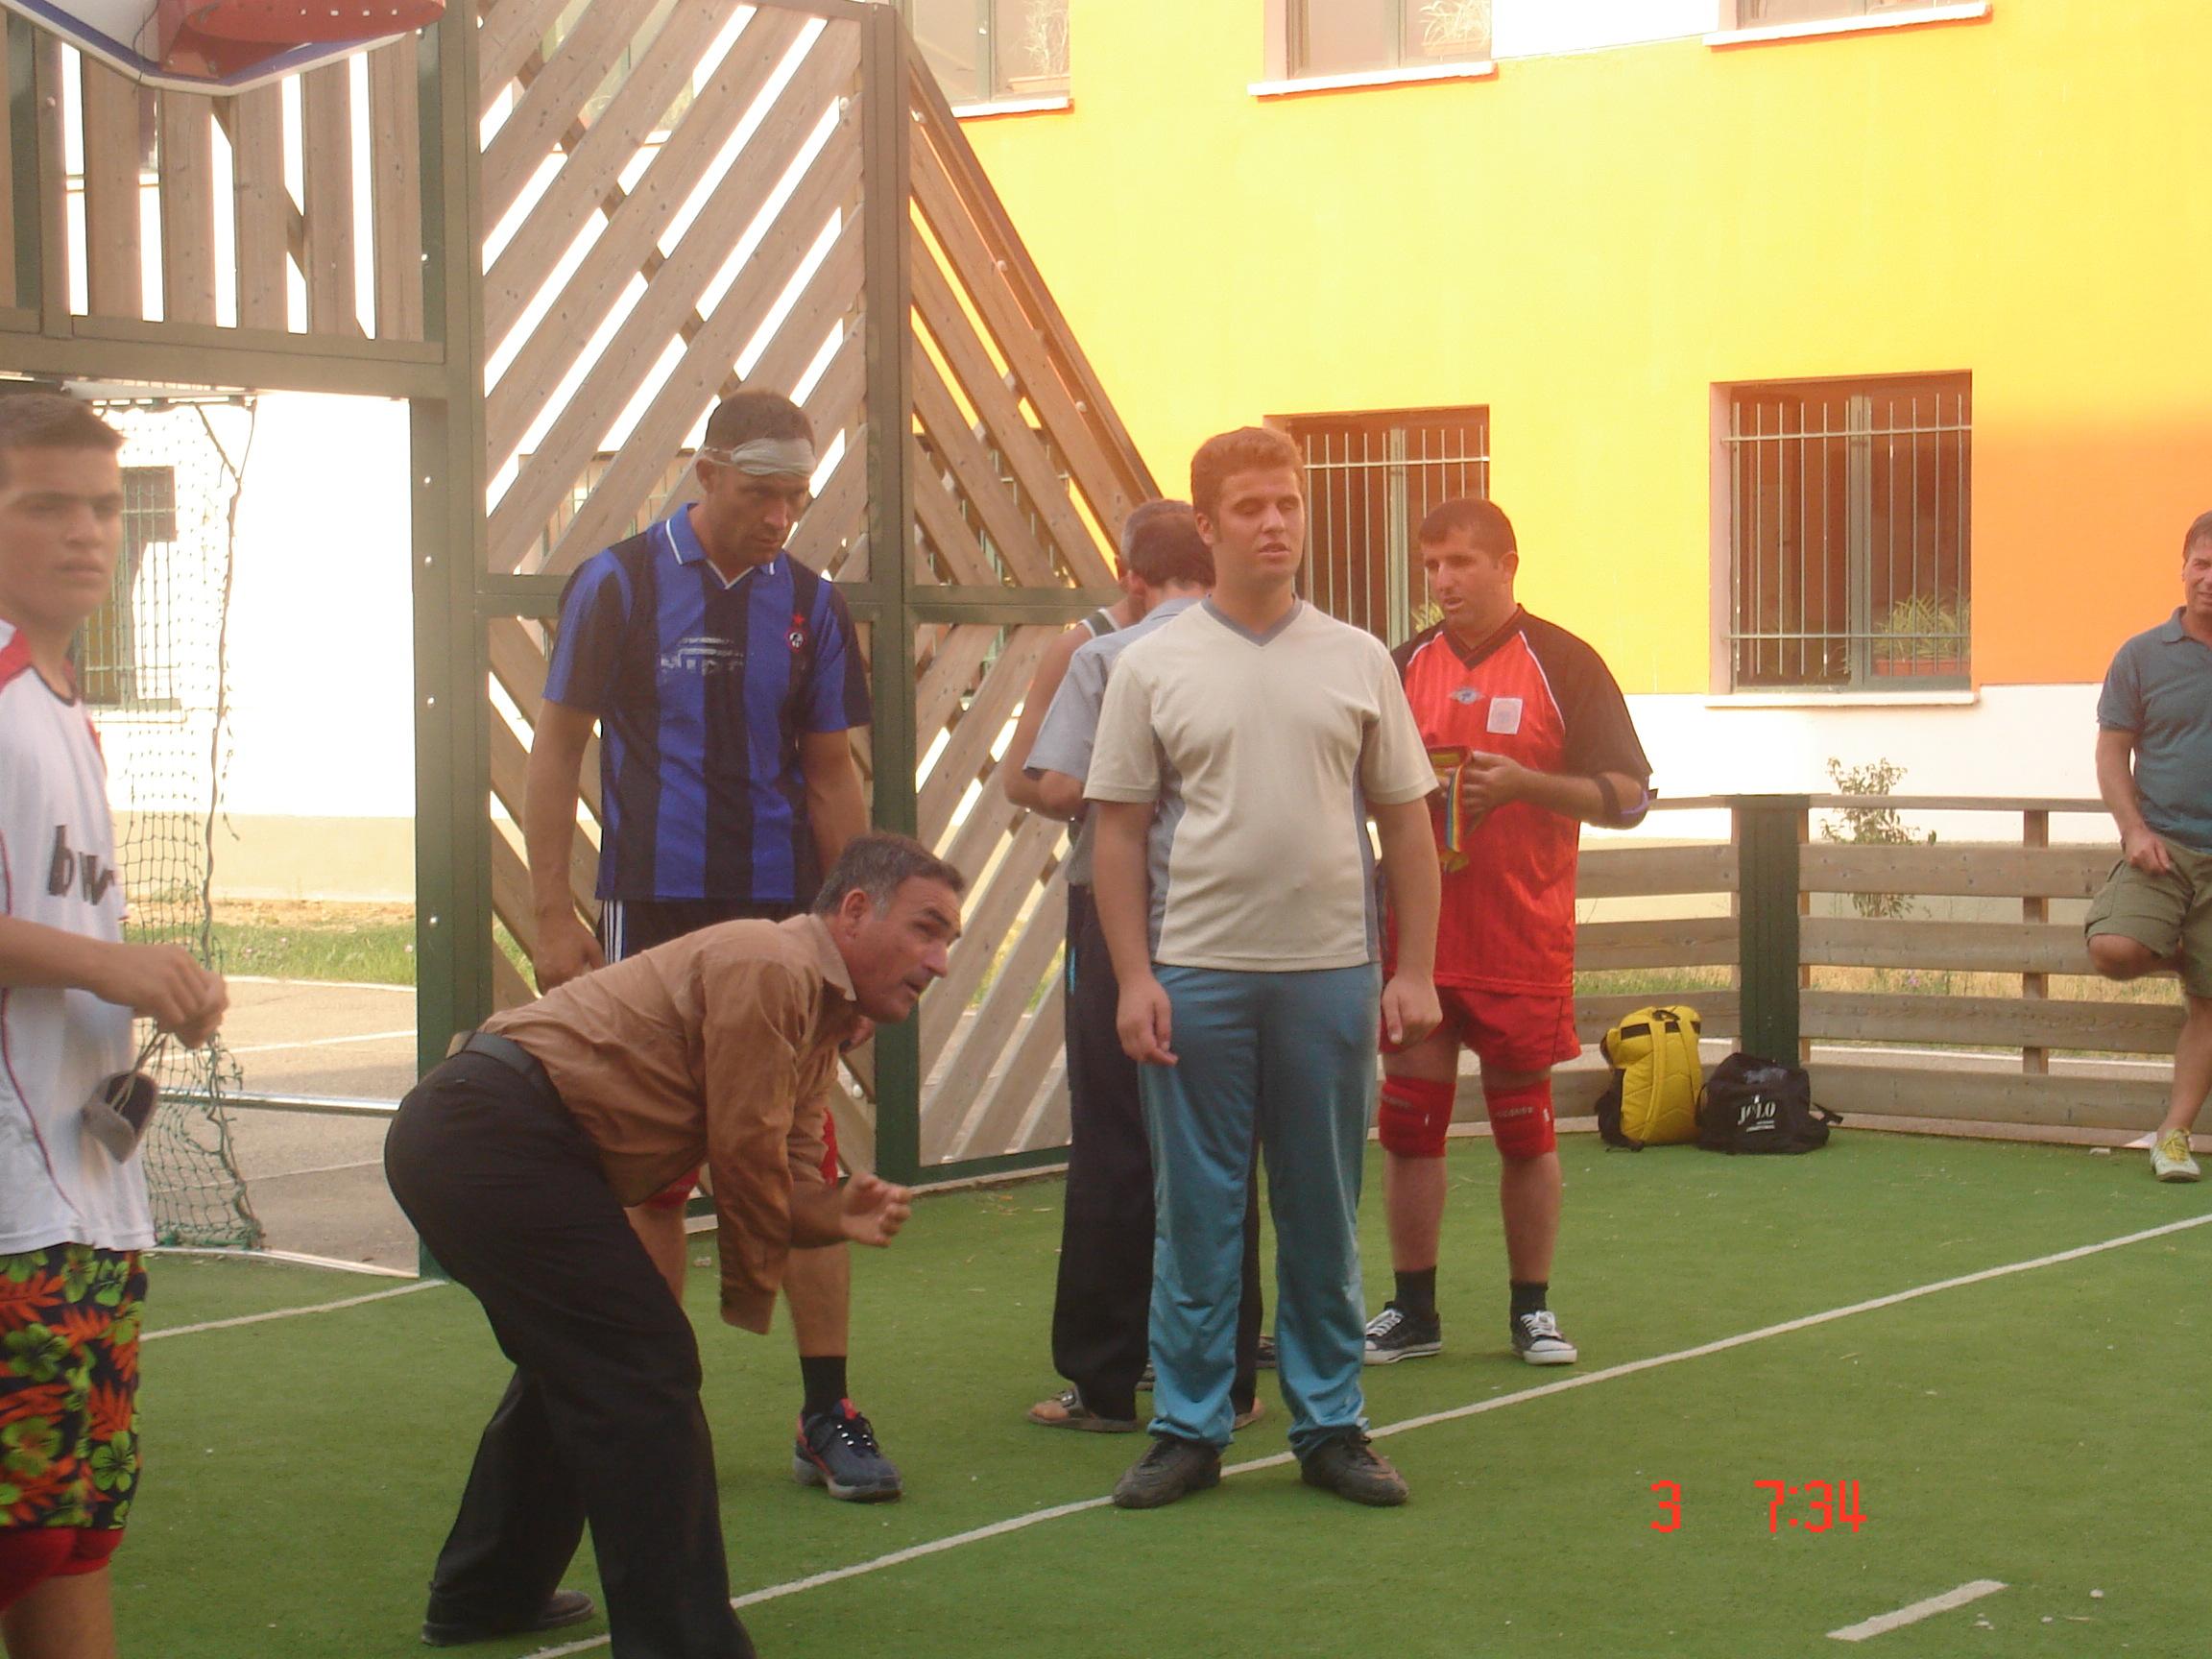 FOTO 2 nga trajnimi